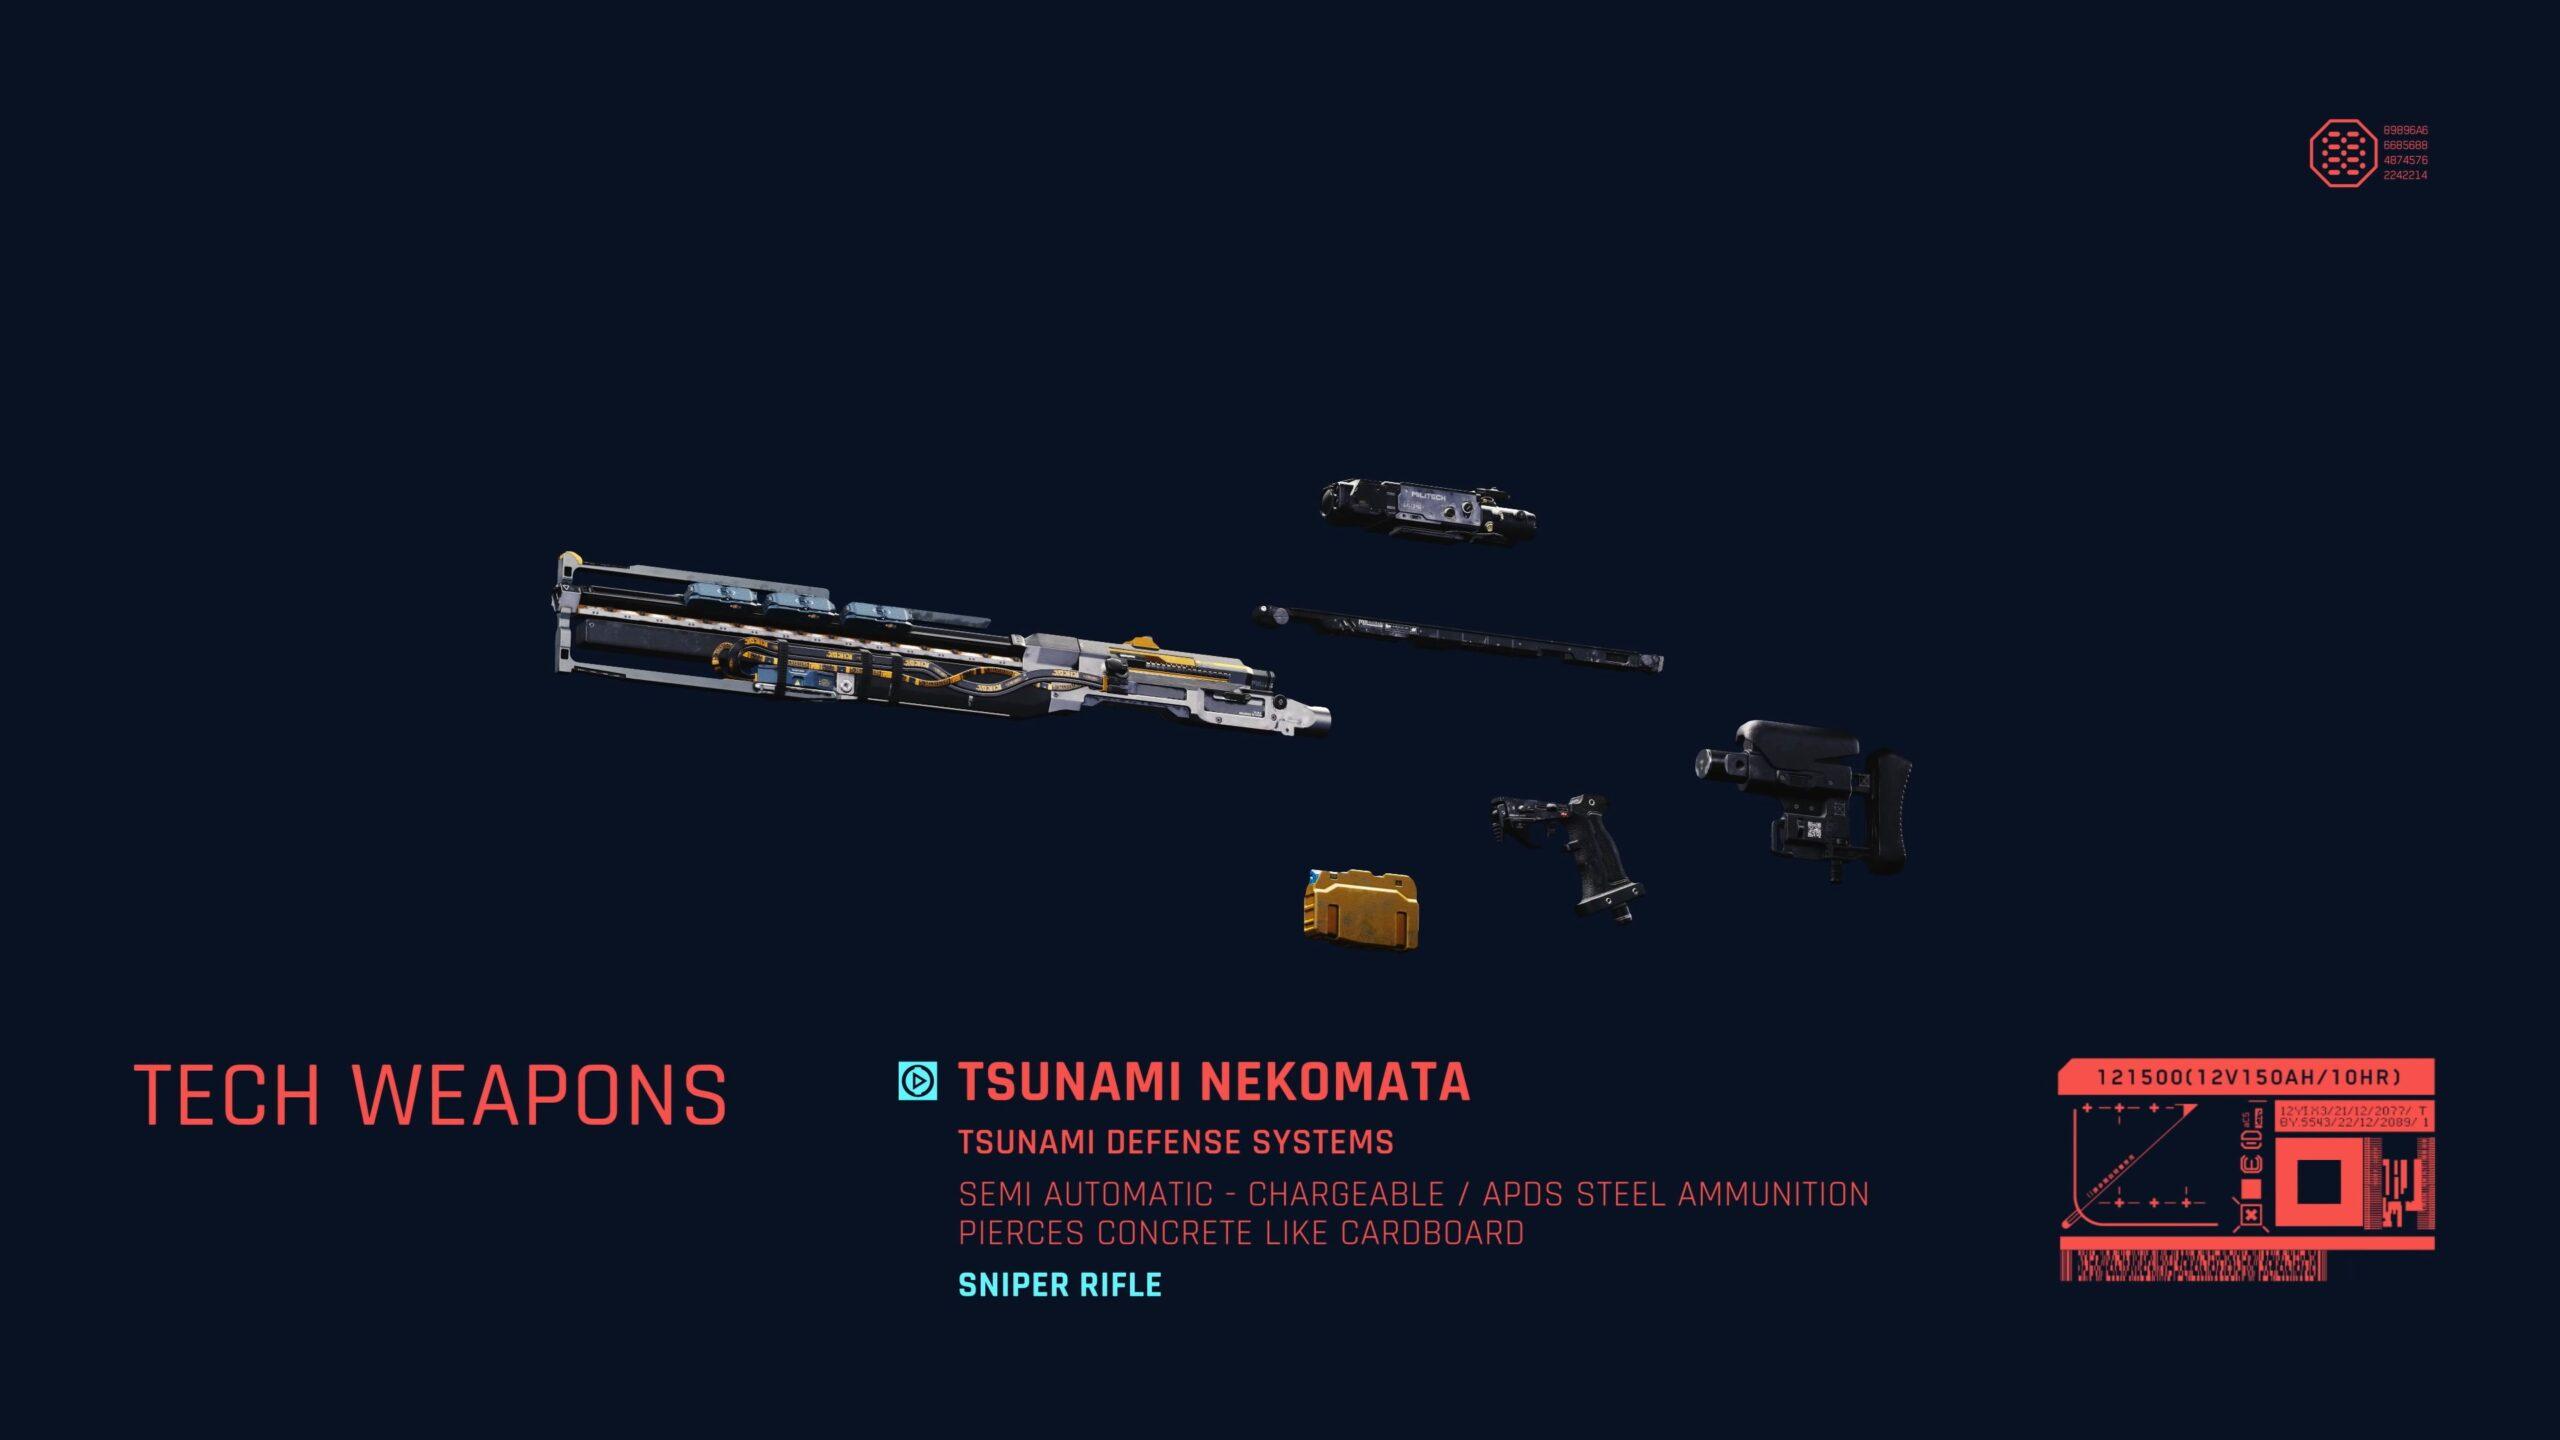 Cyberpunk 2077 Ranged Weapons Tsunami Nekomata Sniper Rifle